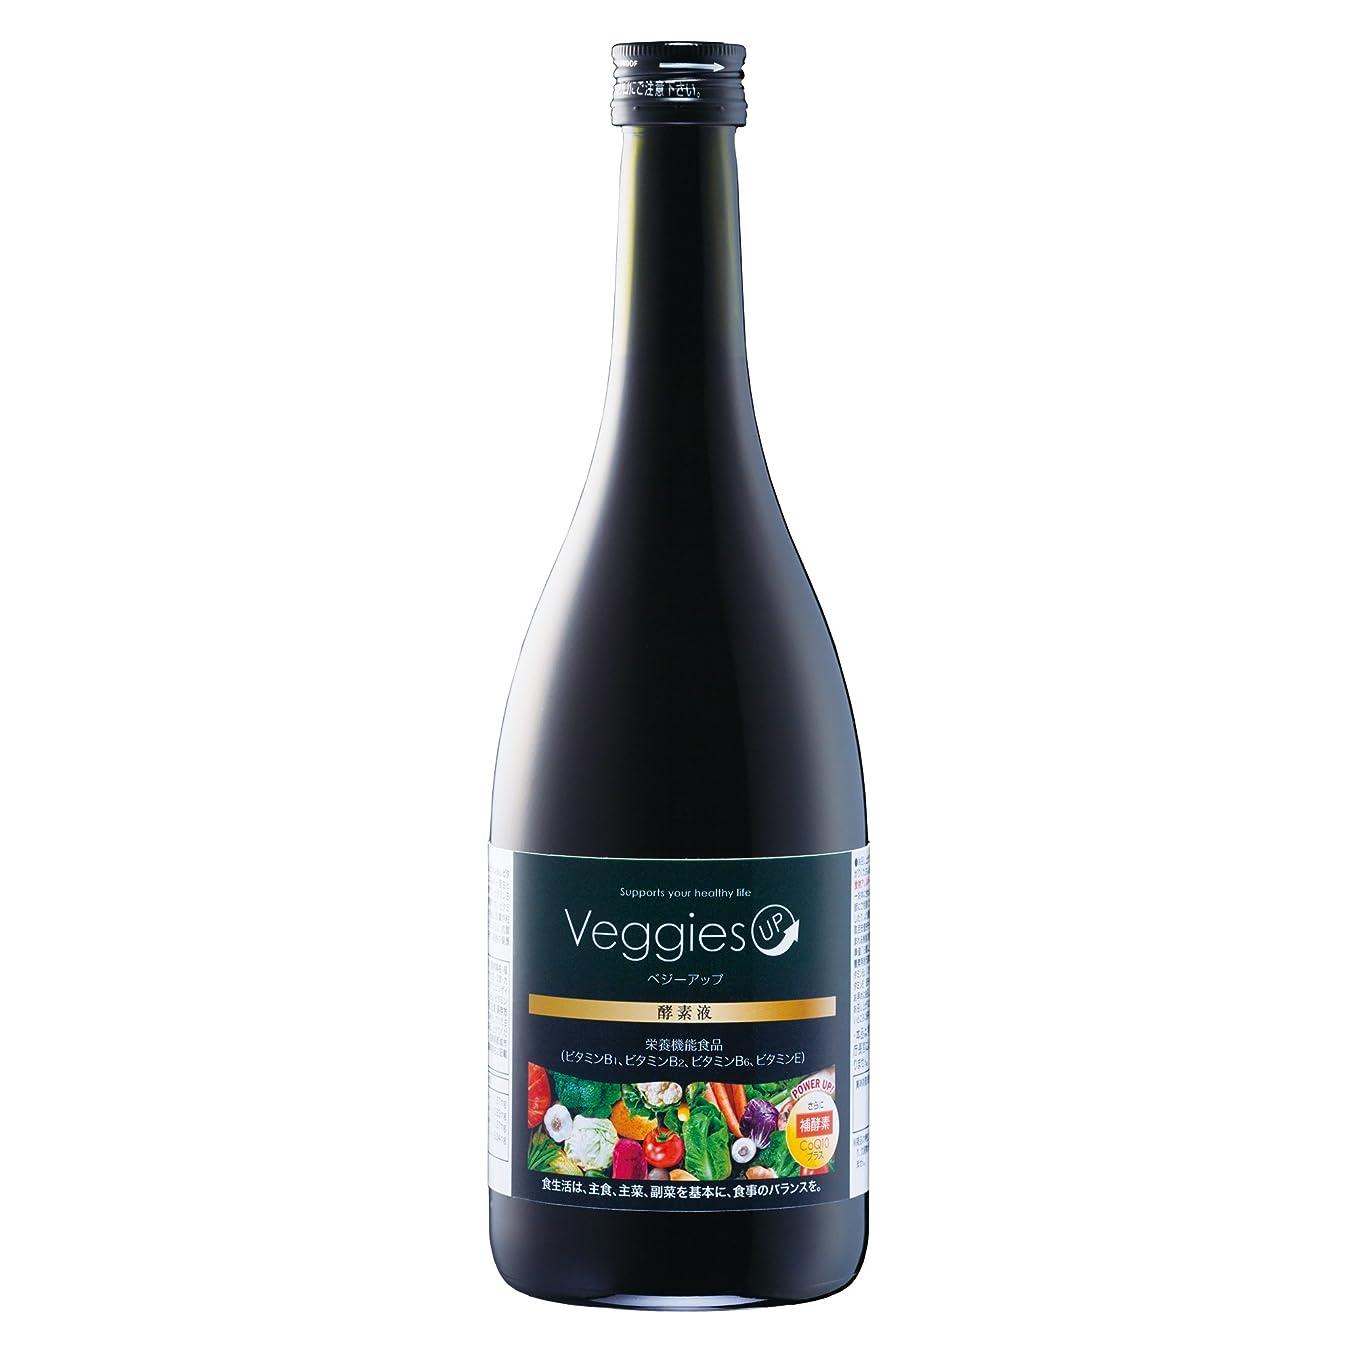 名誉魅力独特のベジーアップ酵素液 720mL ダイエット ファスティング 酵素ドリンク 置き換えダイエット 酵素ダイエット